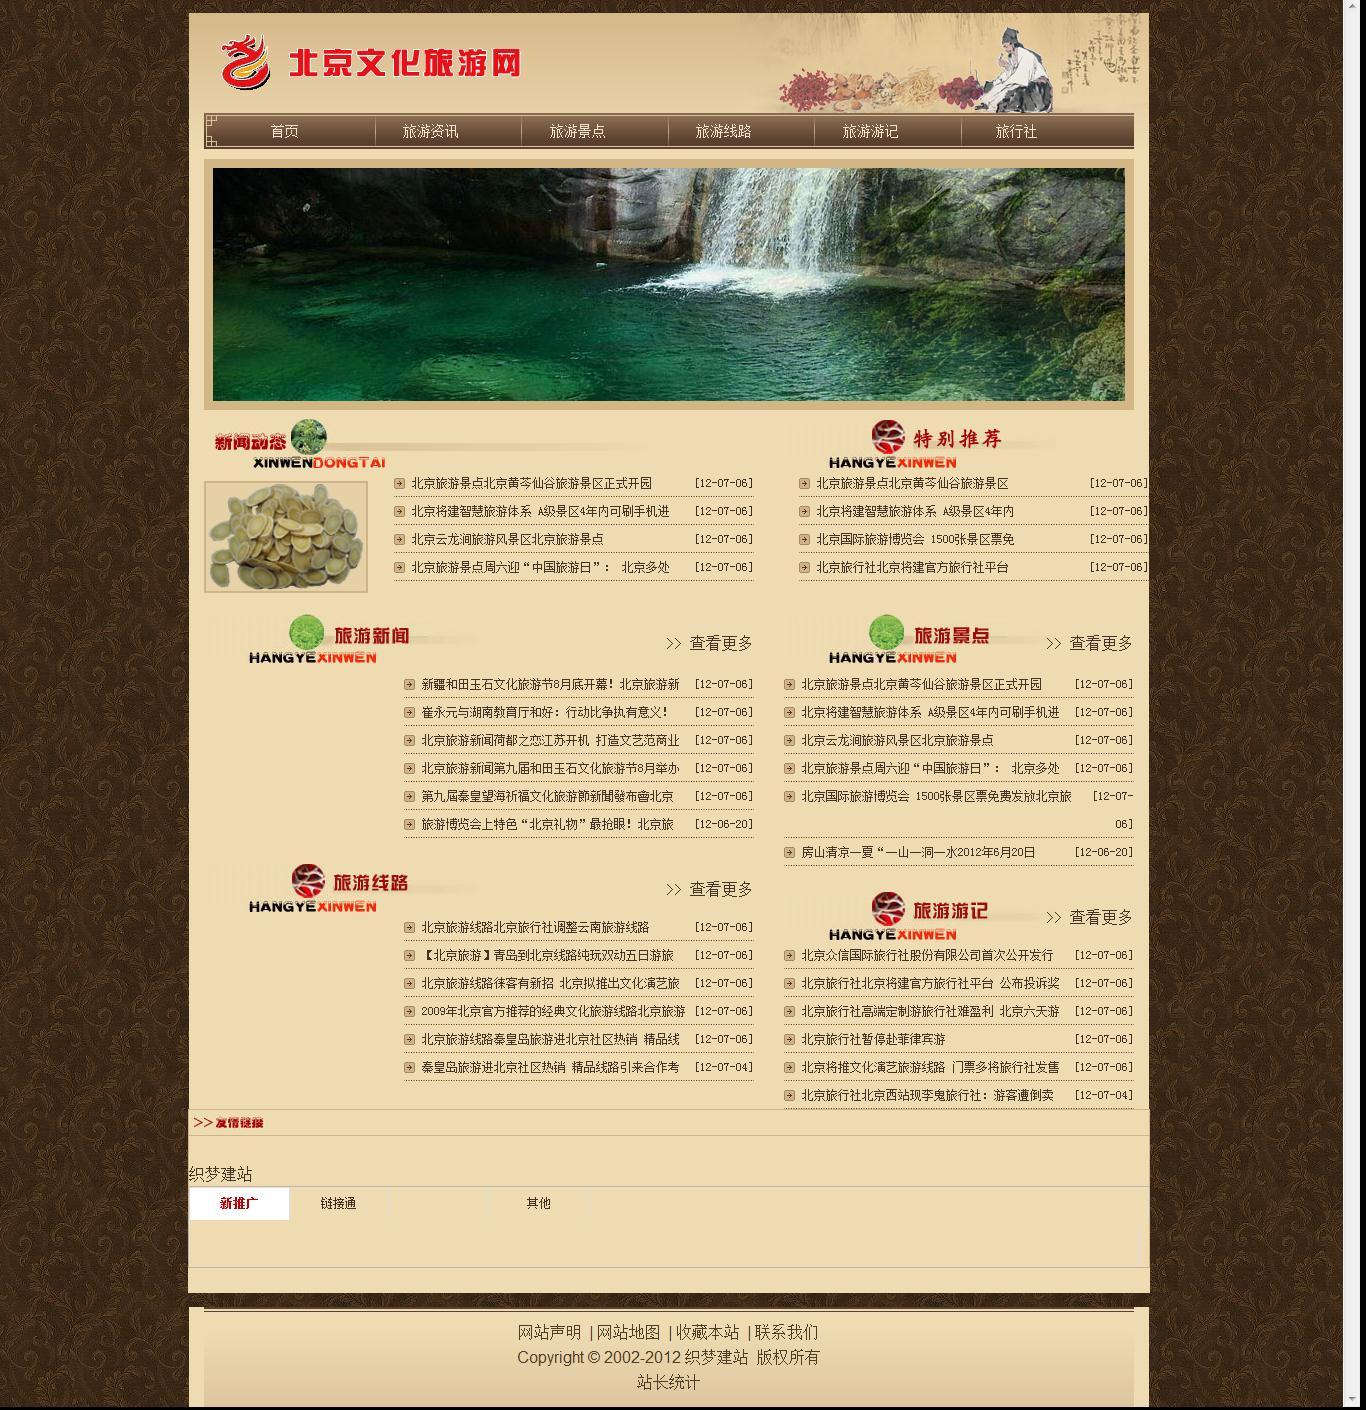 北京文化旅游网站源码_dedecms文化旅游网站源码